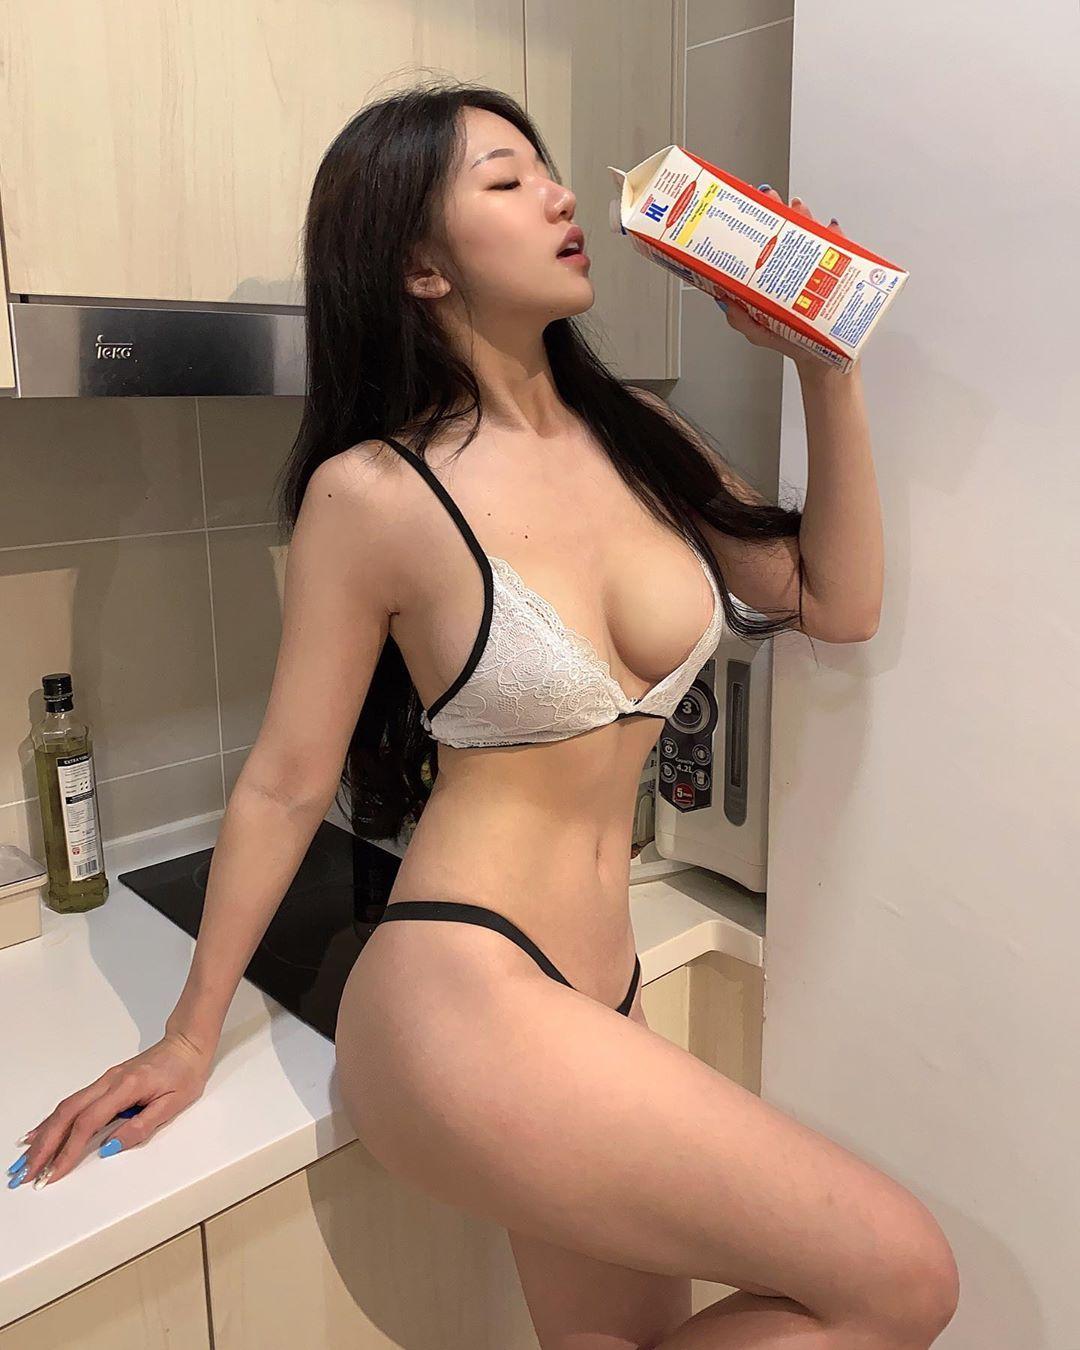 Asian Hot Girls Instagram